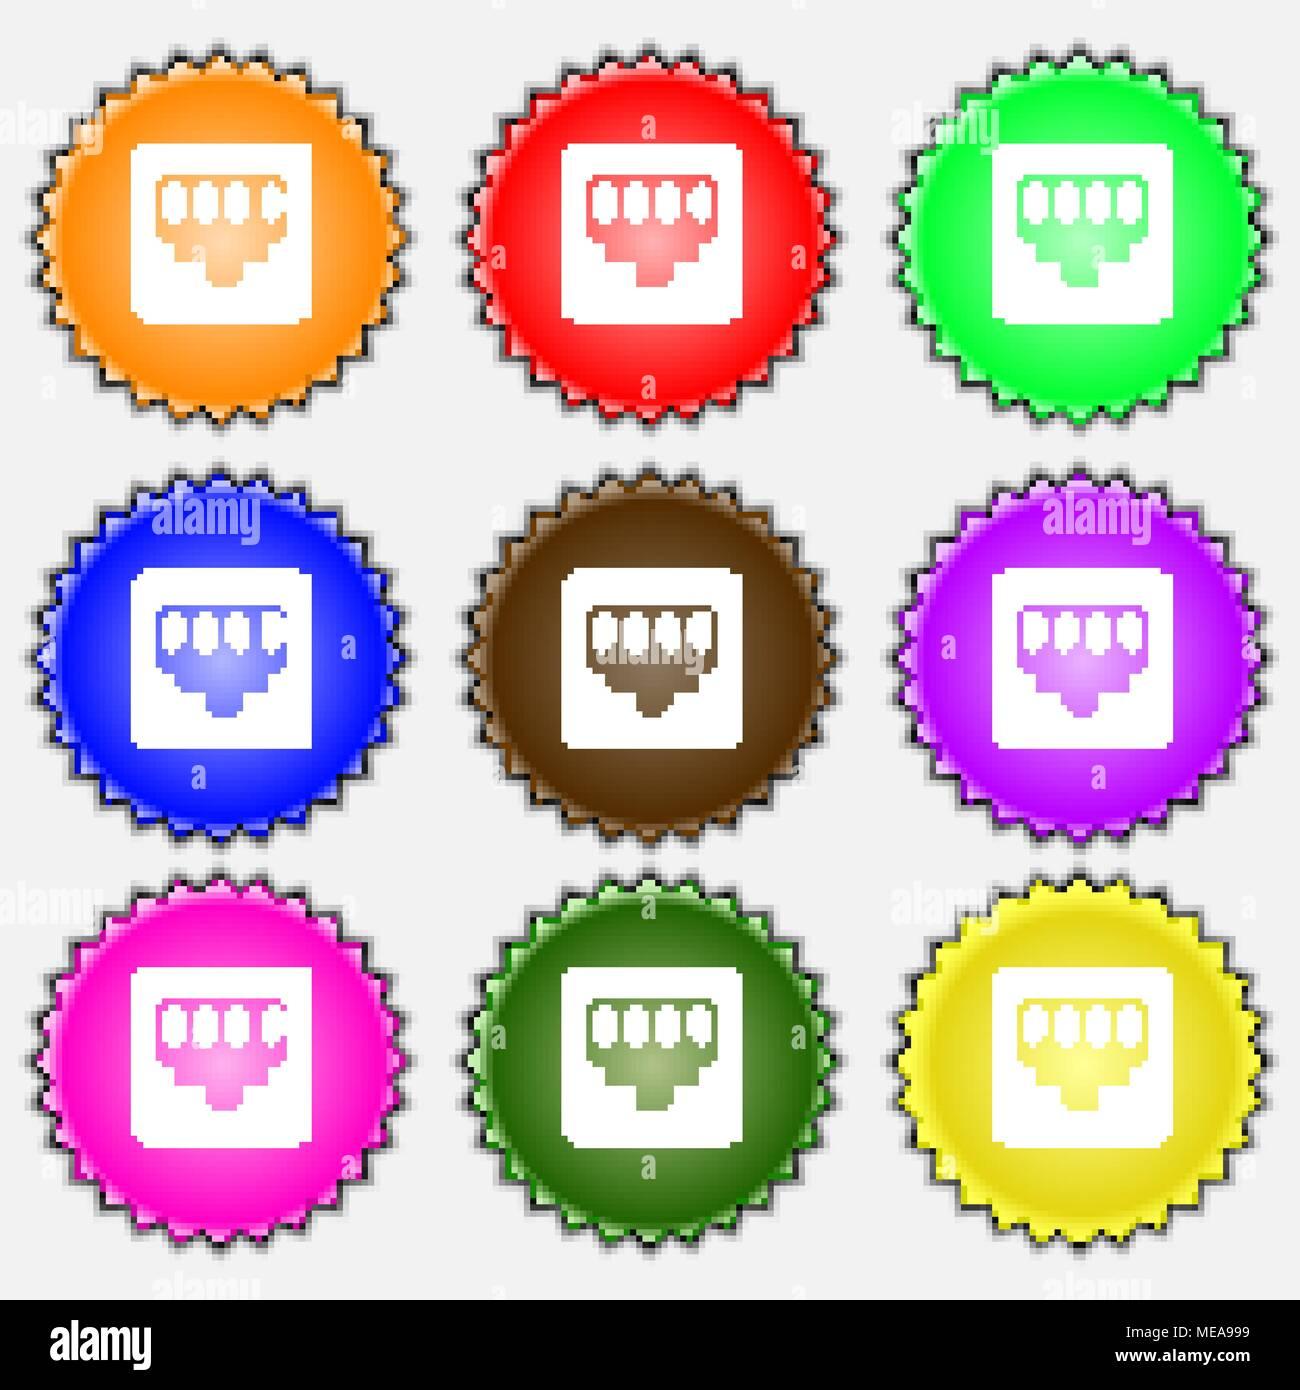 Ziemlich Farbiges Kabel 9 Ideen - Die Besten Elektrischen Schaltplan ...